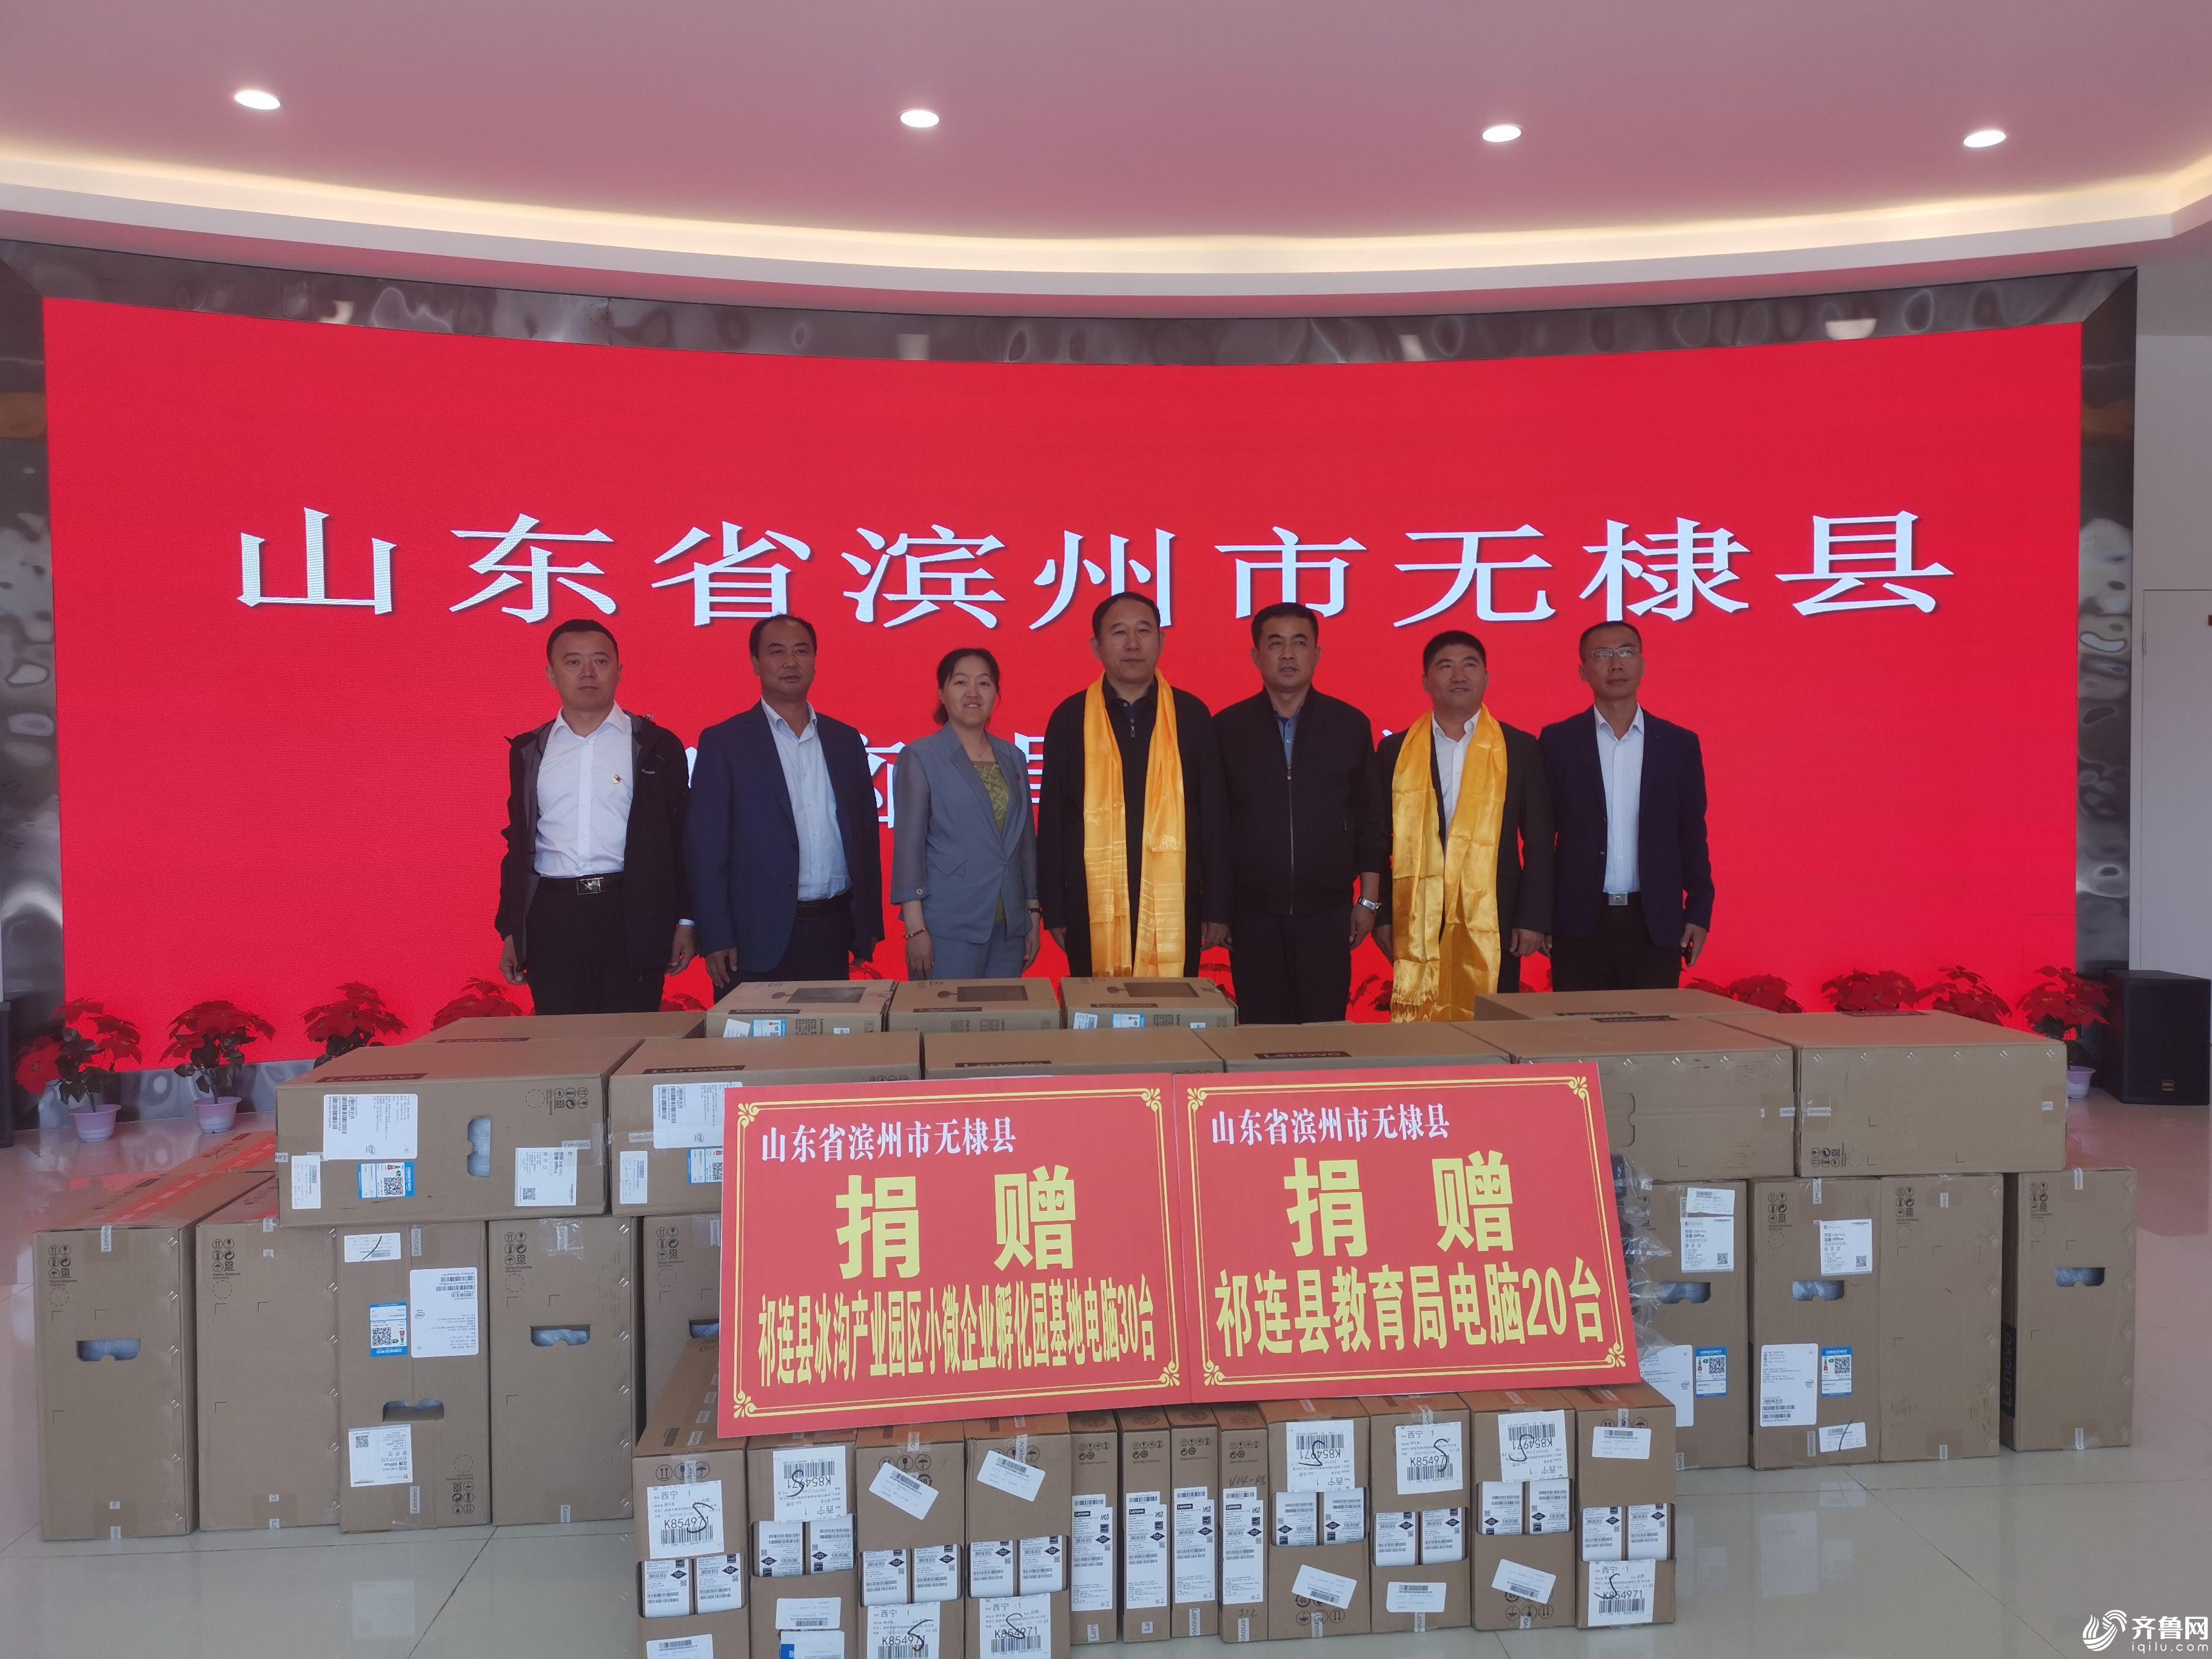 8月26日,无棣县委县政府向祁连县教育局捐献笔记本电脑20台,向祁连县小微企业孵化园基地捐献台式电脑30台。